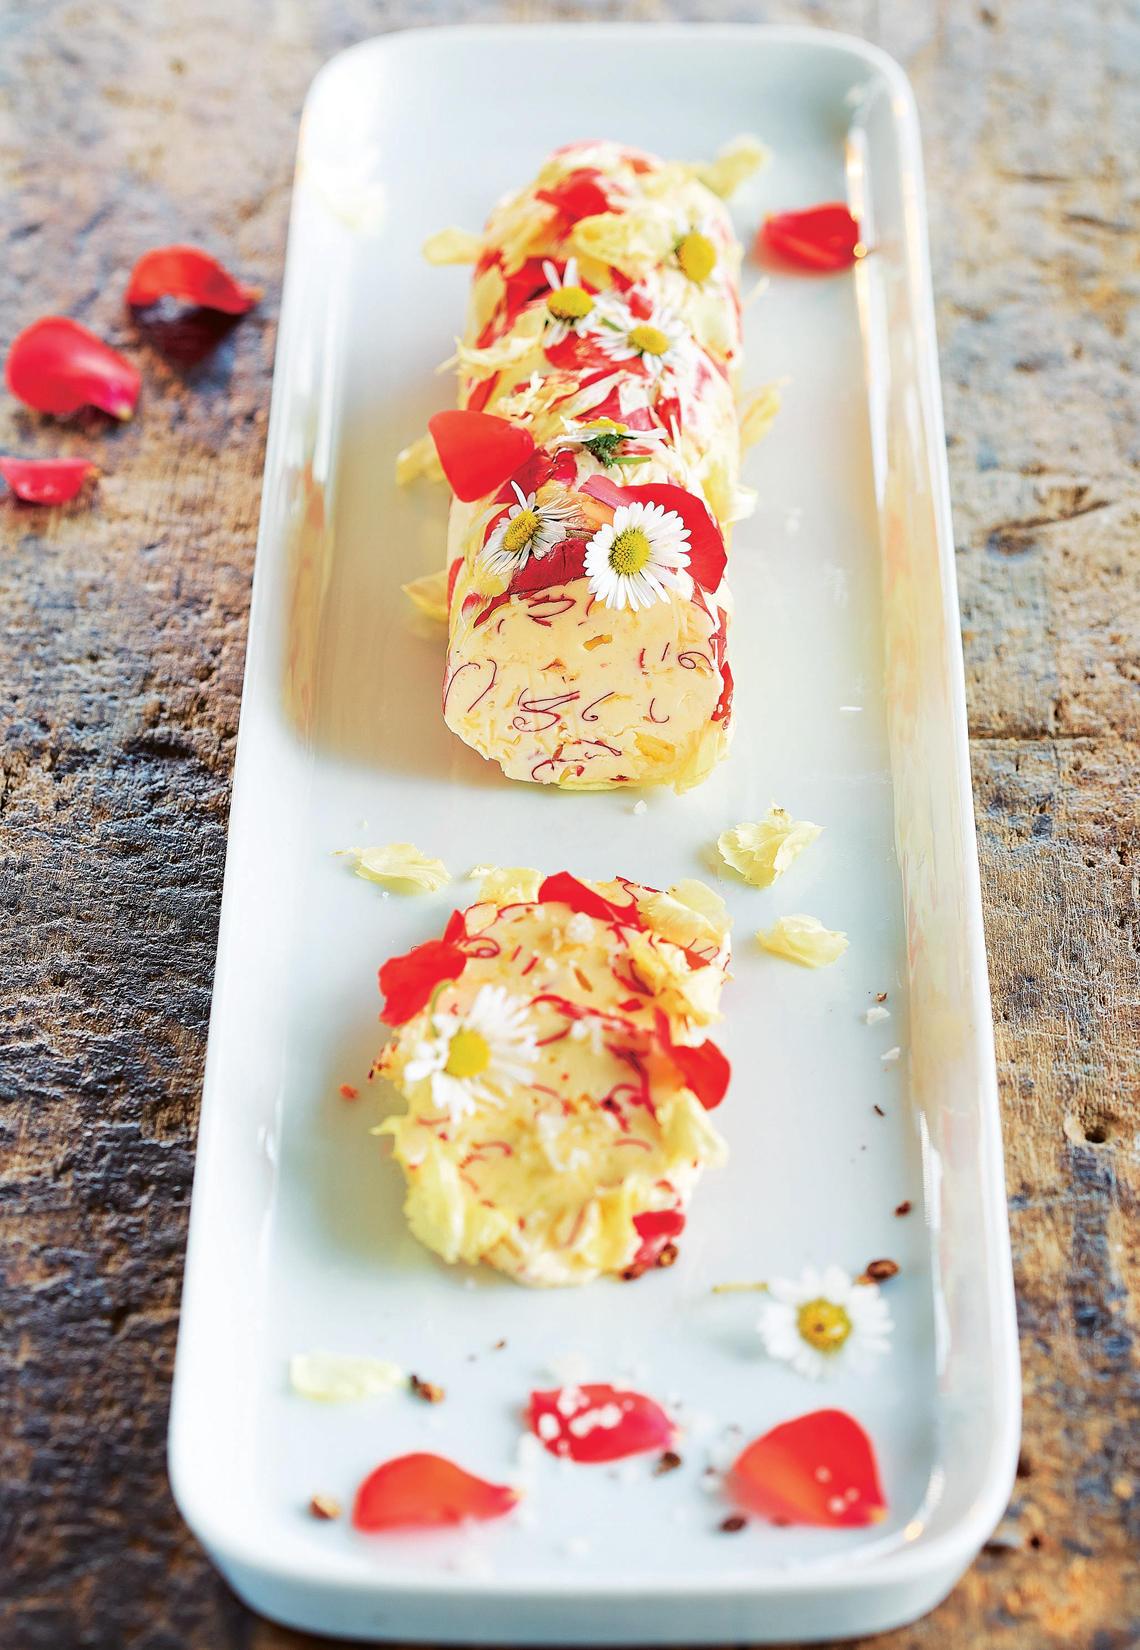 Blütenbutter mit Zitronensalz